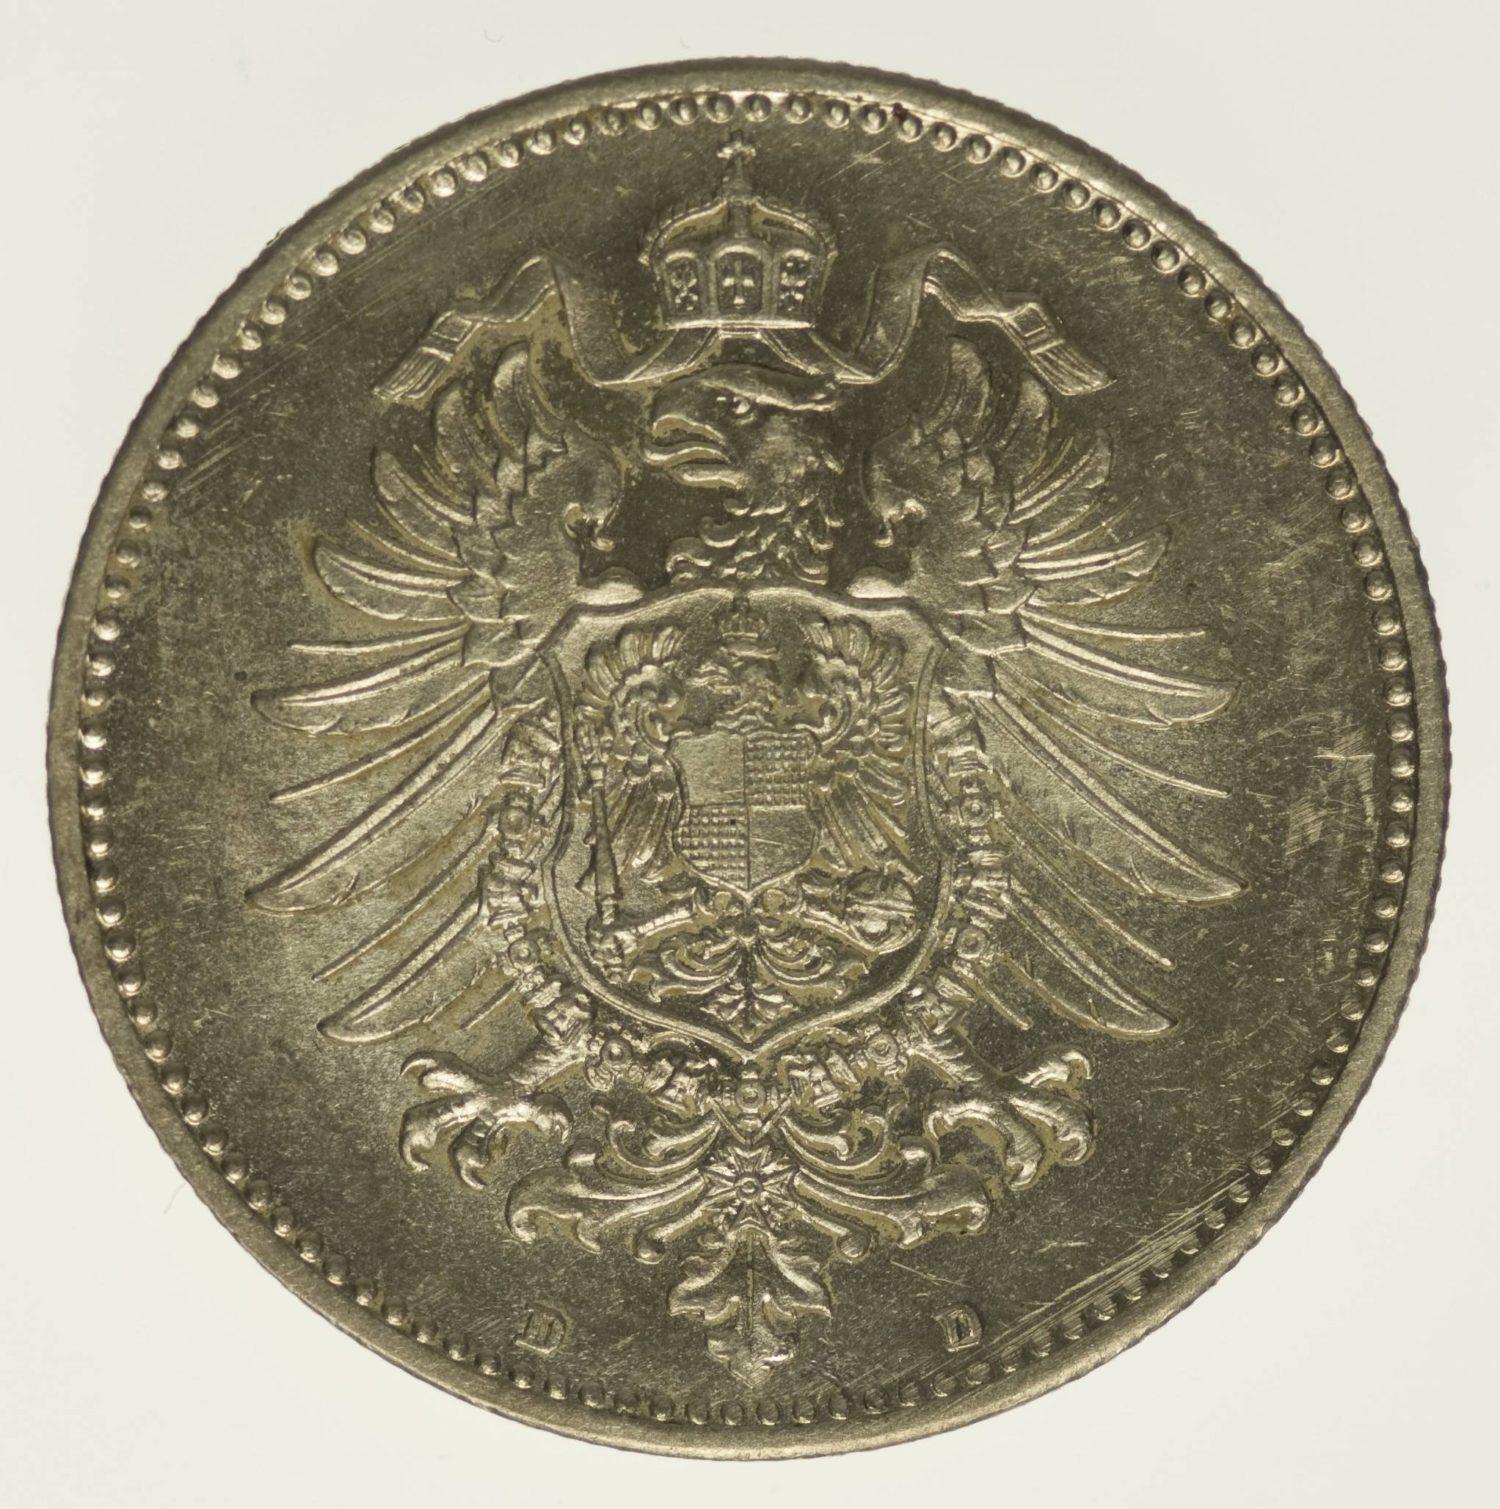 Kaiserreich 1 Mark 1886 D Silber 5 Gramm fein RAR